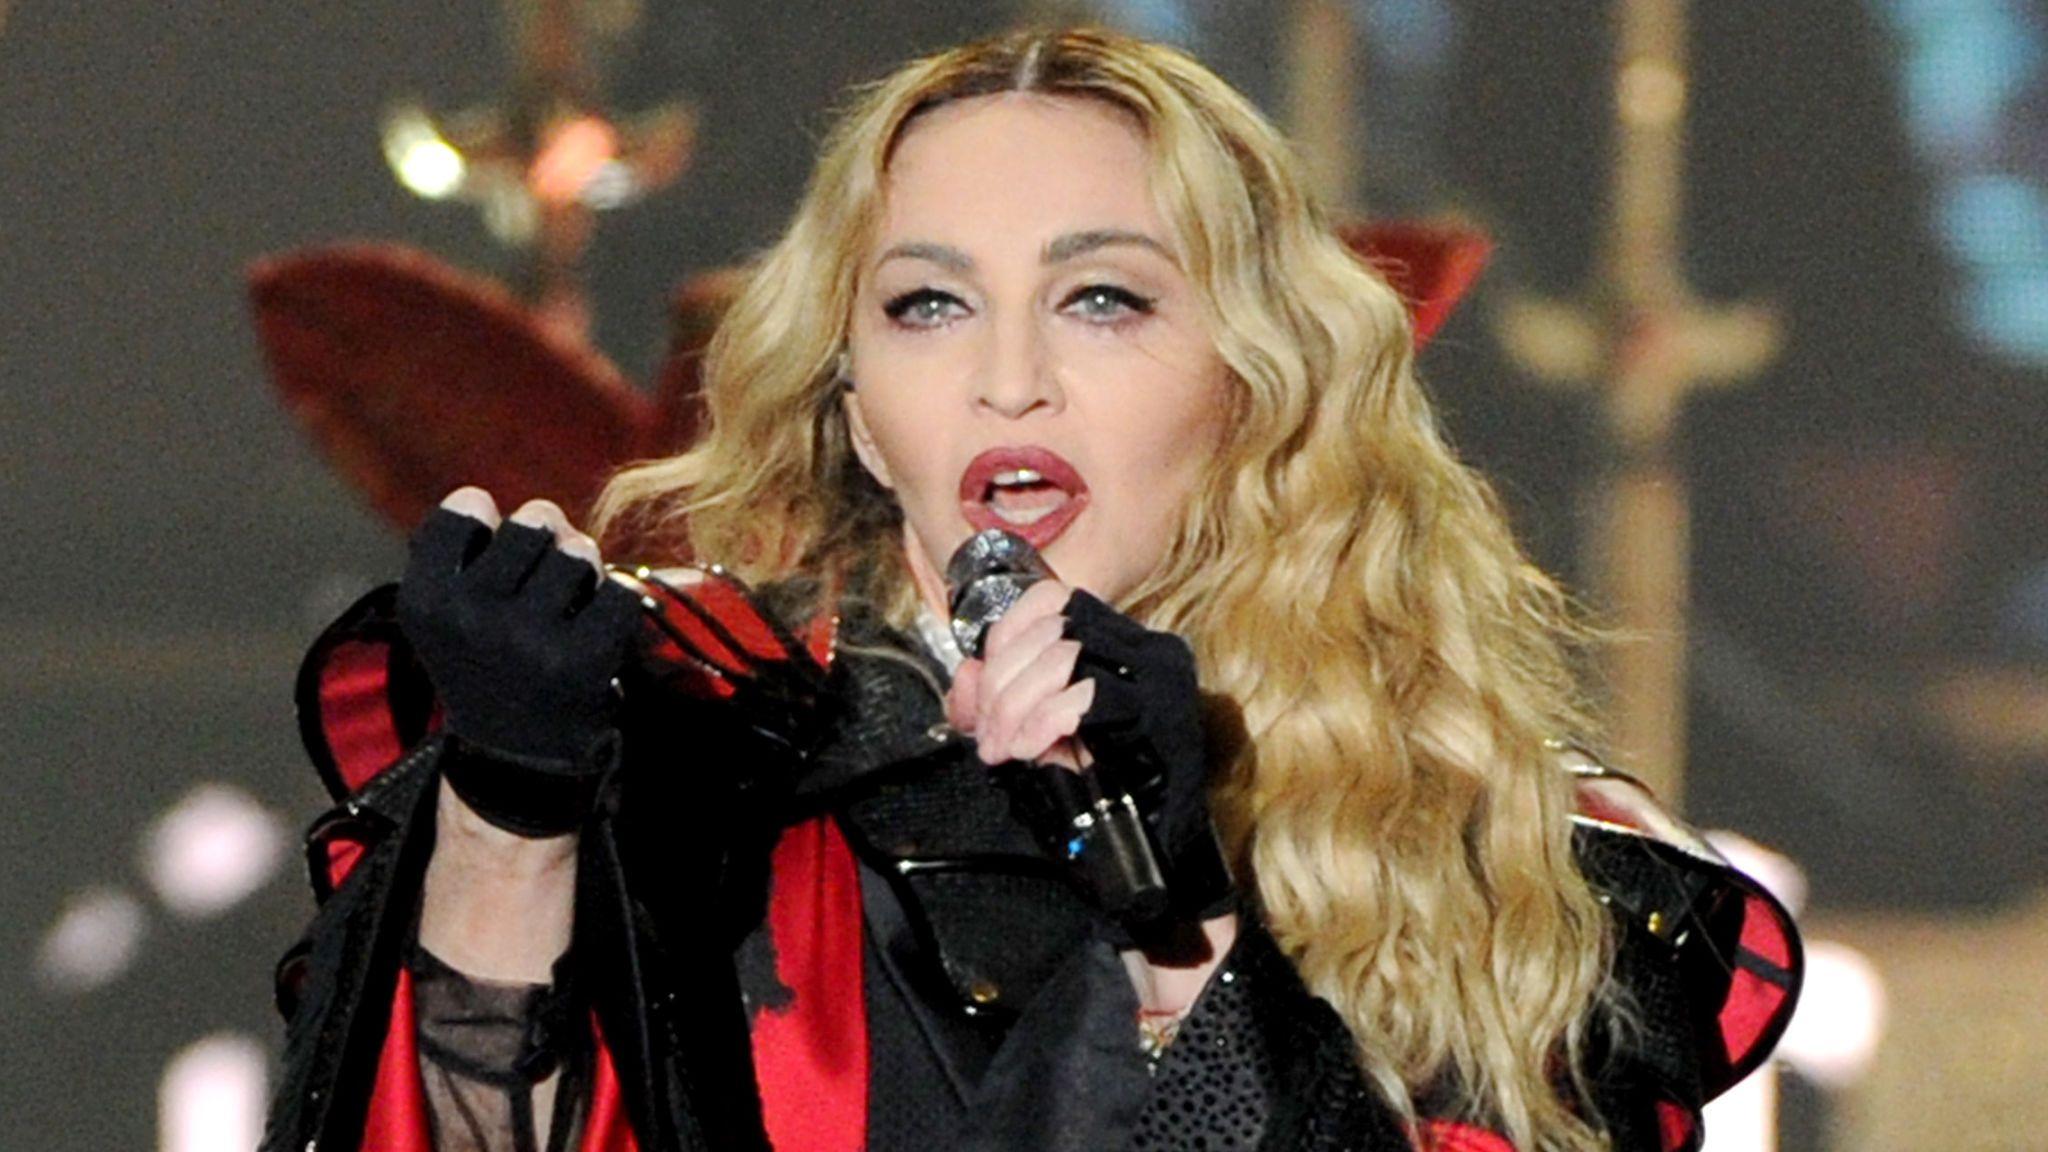 Madonna incontra i genitori del suo toyboy, tira aria di fiori d'arancio